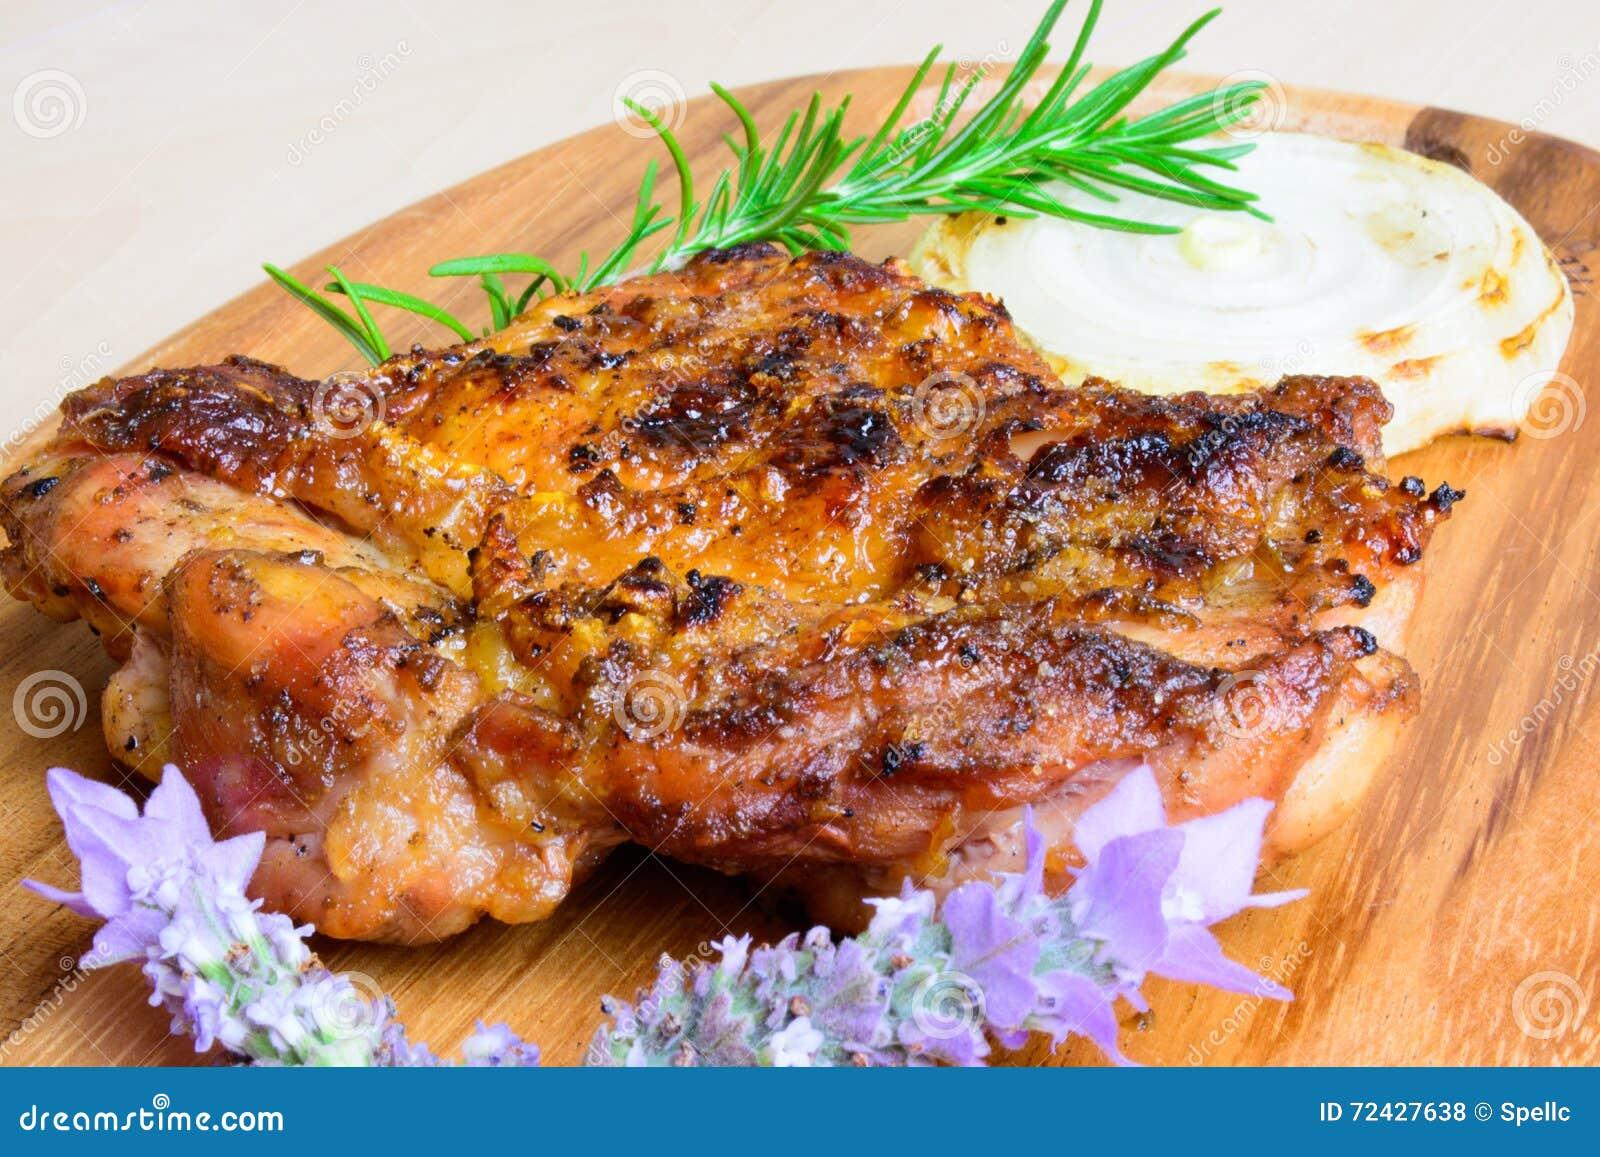 Bbq roosterde kippendij zonder botten met uiplak en met rozemarijn en lavendel versier